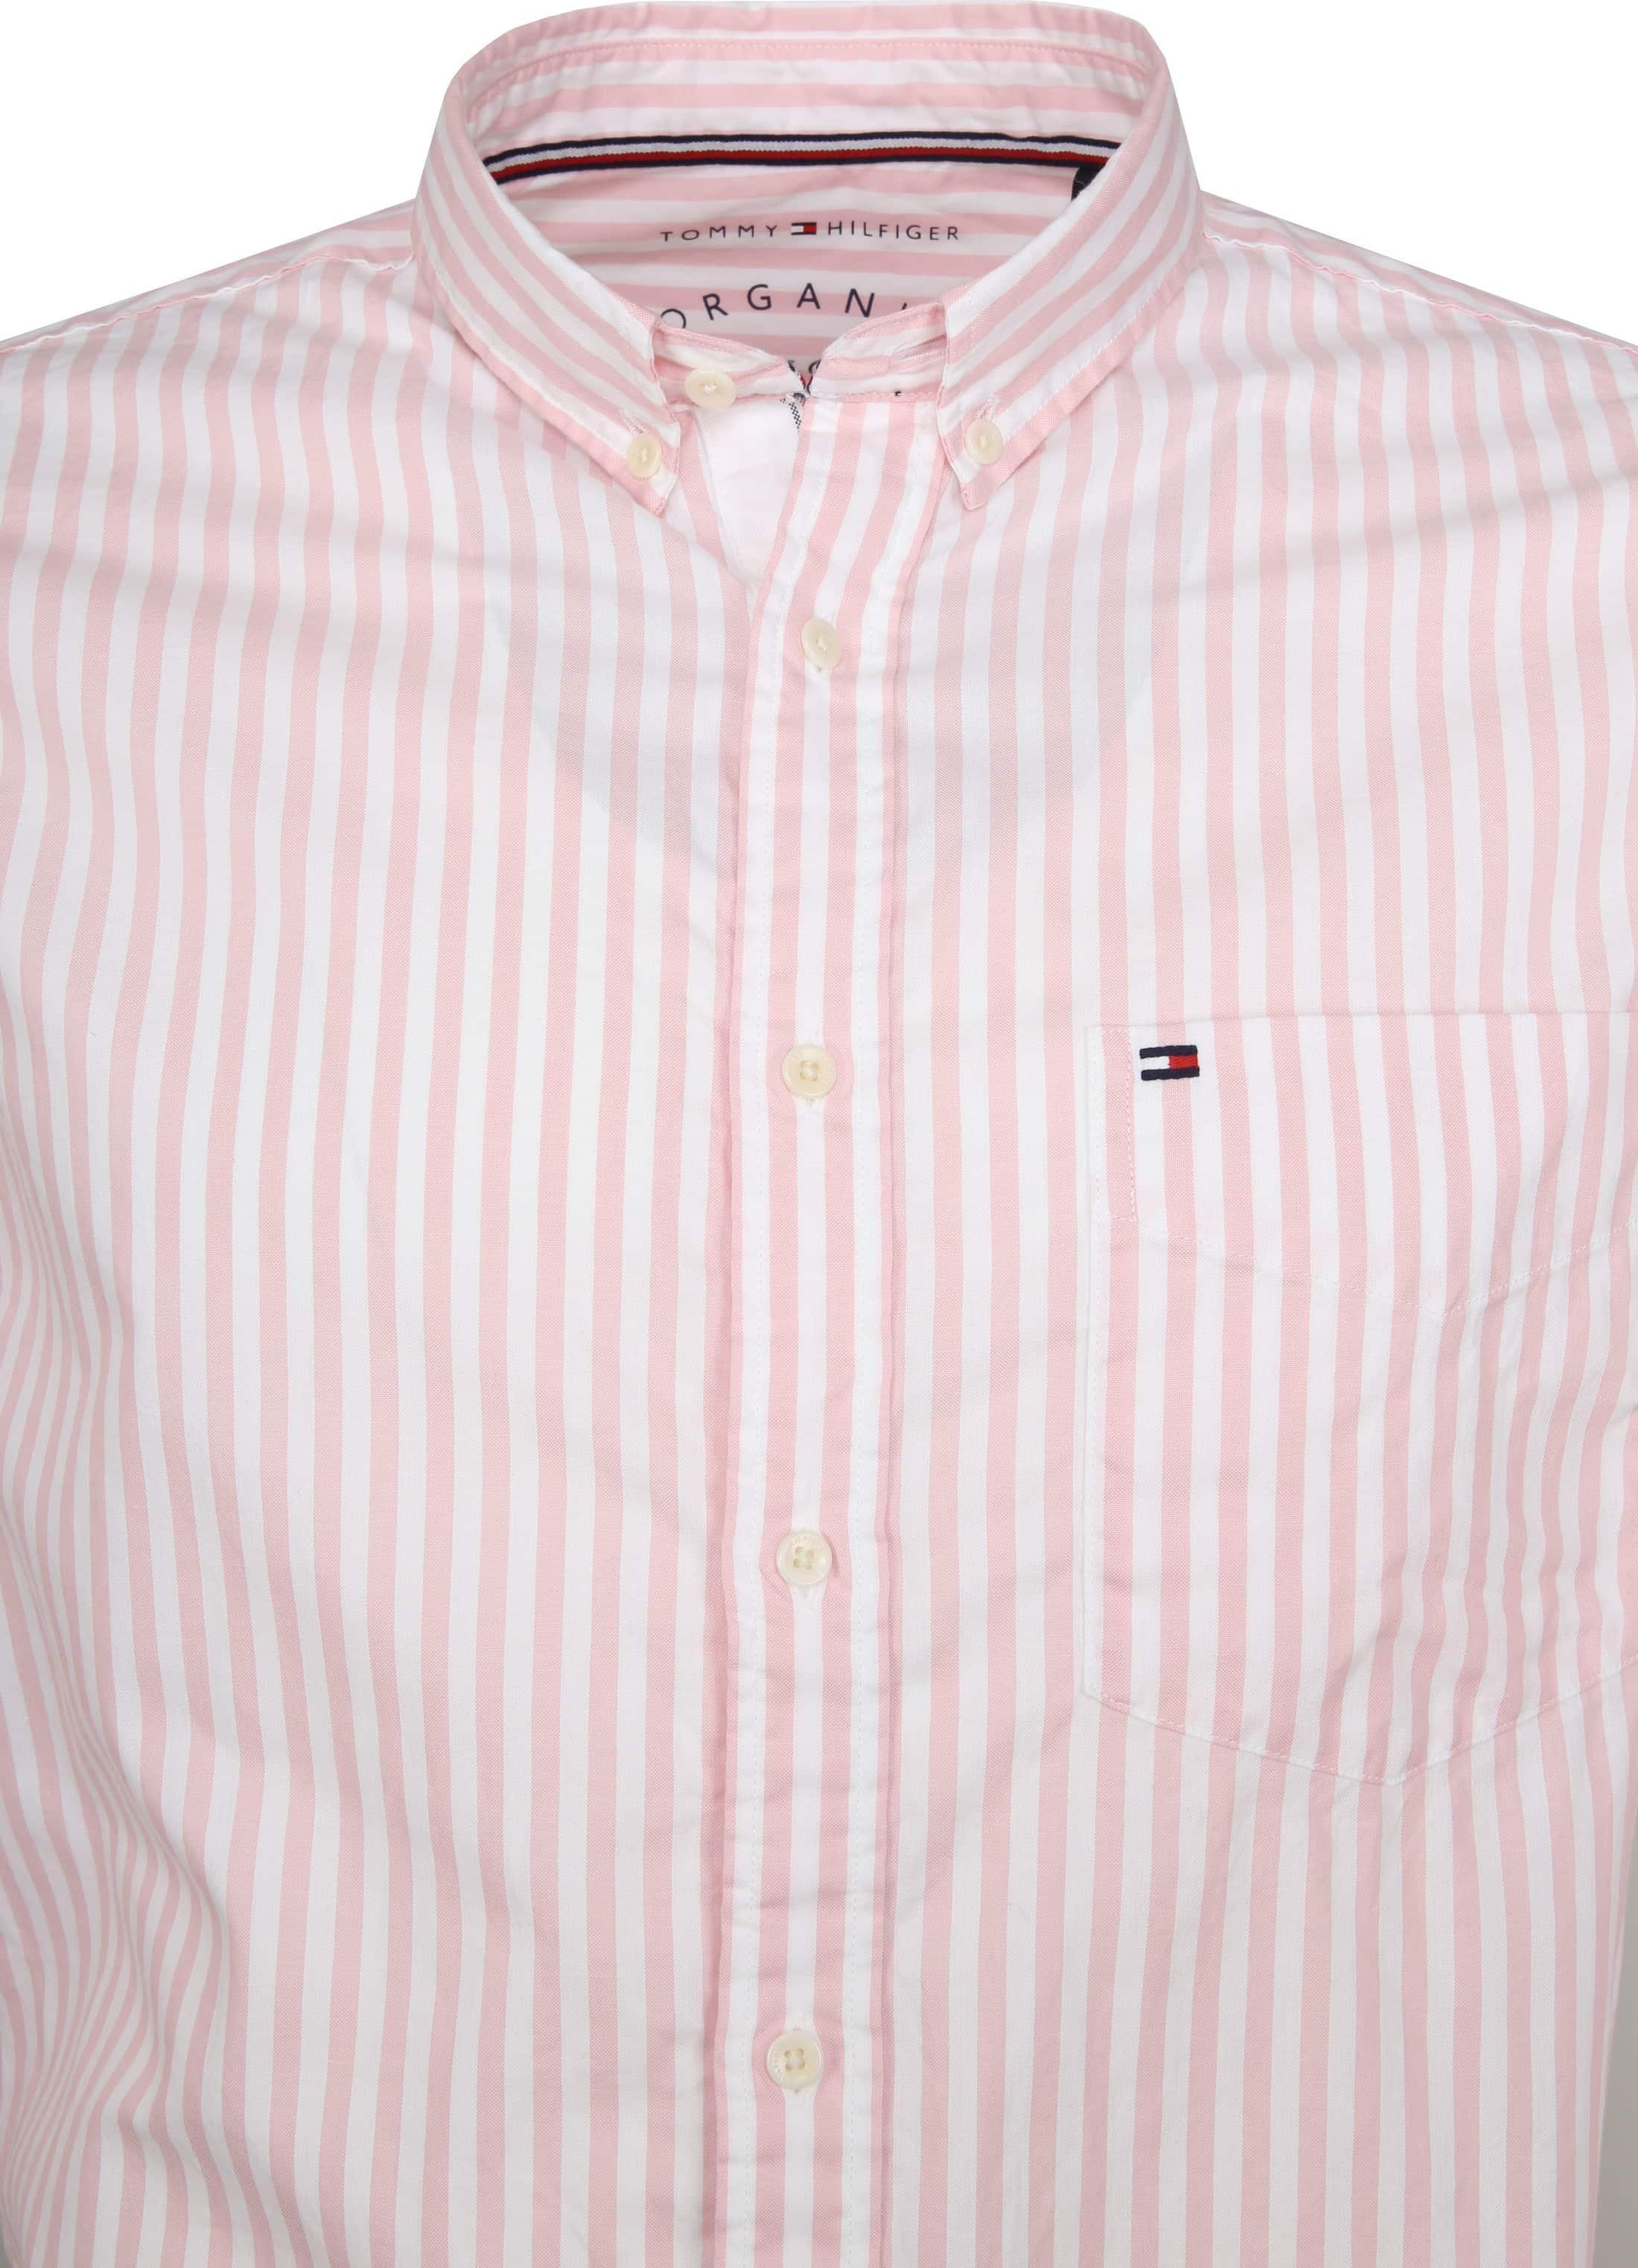 Tommy Hilfiger Oxford Strepen Overhemd Roze foto 2